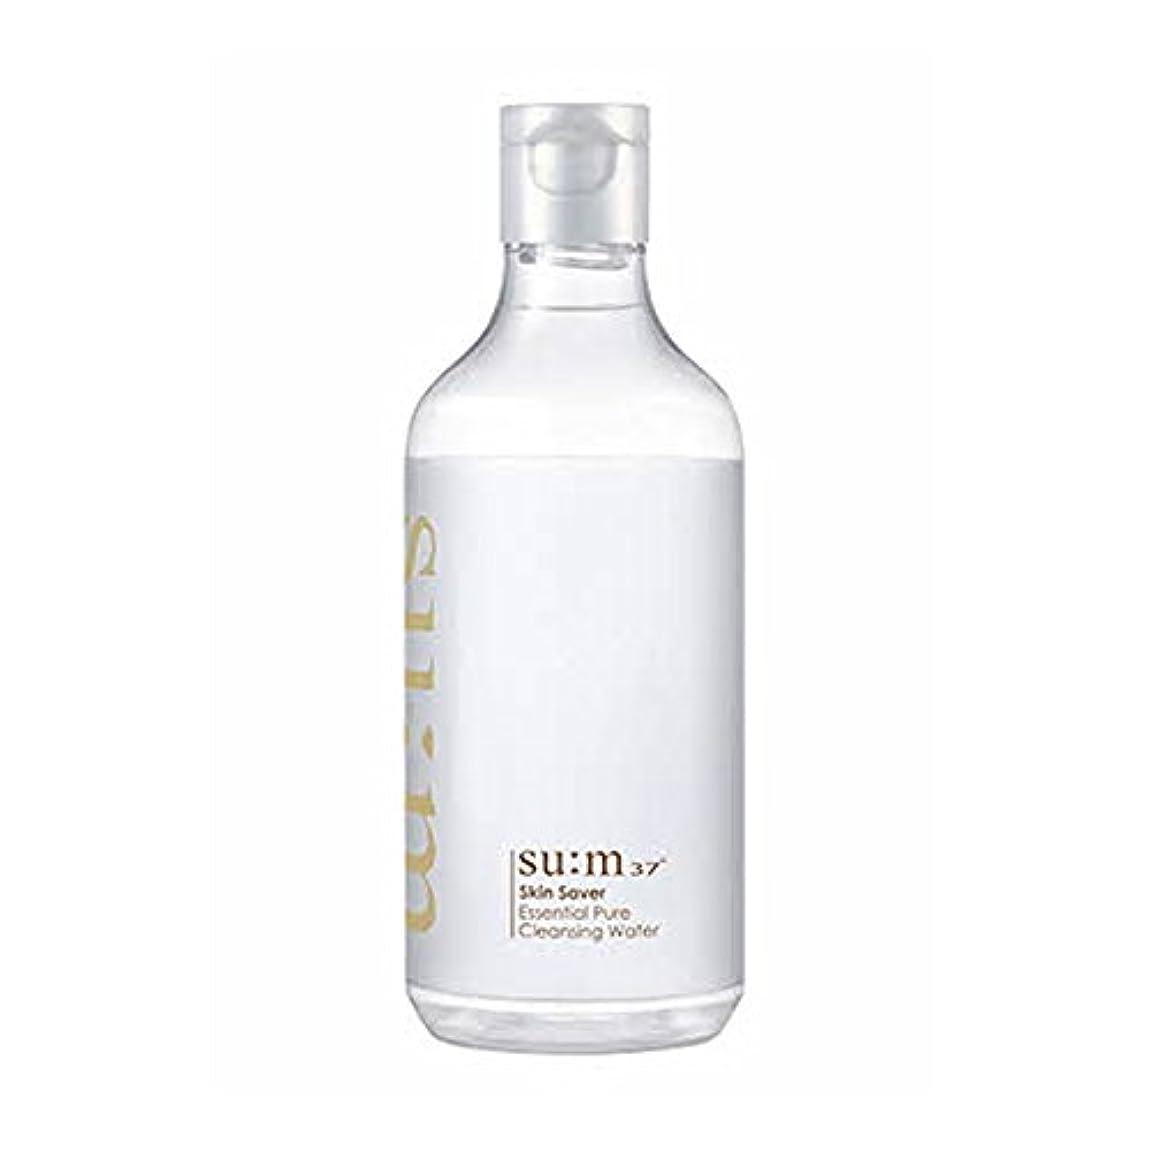 州鷲最小化する[スム37°] Sum37° スキンセイバー エッセンシャルピュアクレンジングウォーター  Skin saver Essential Pure Cleansing Water (海外直送品) [並行輸入品]